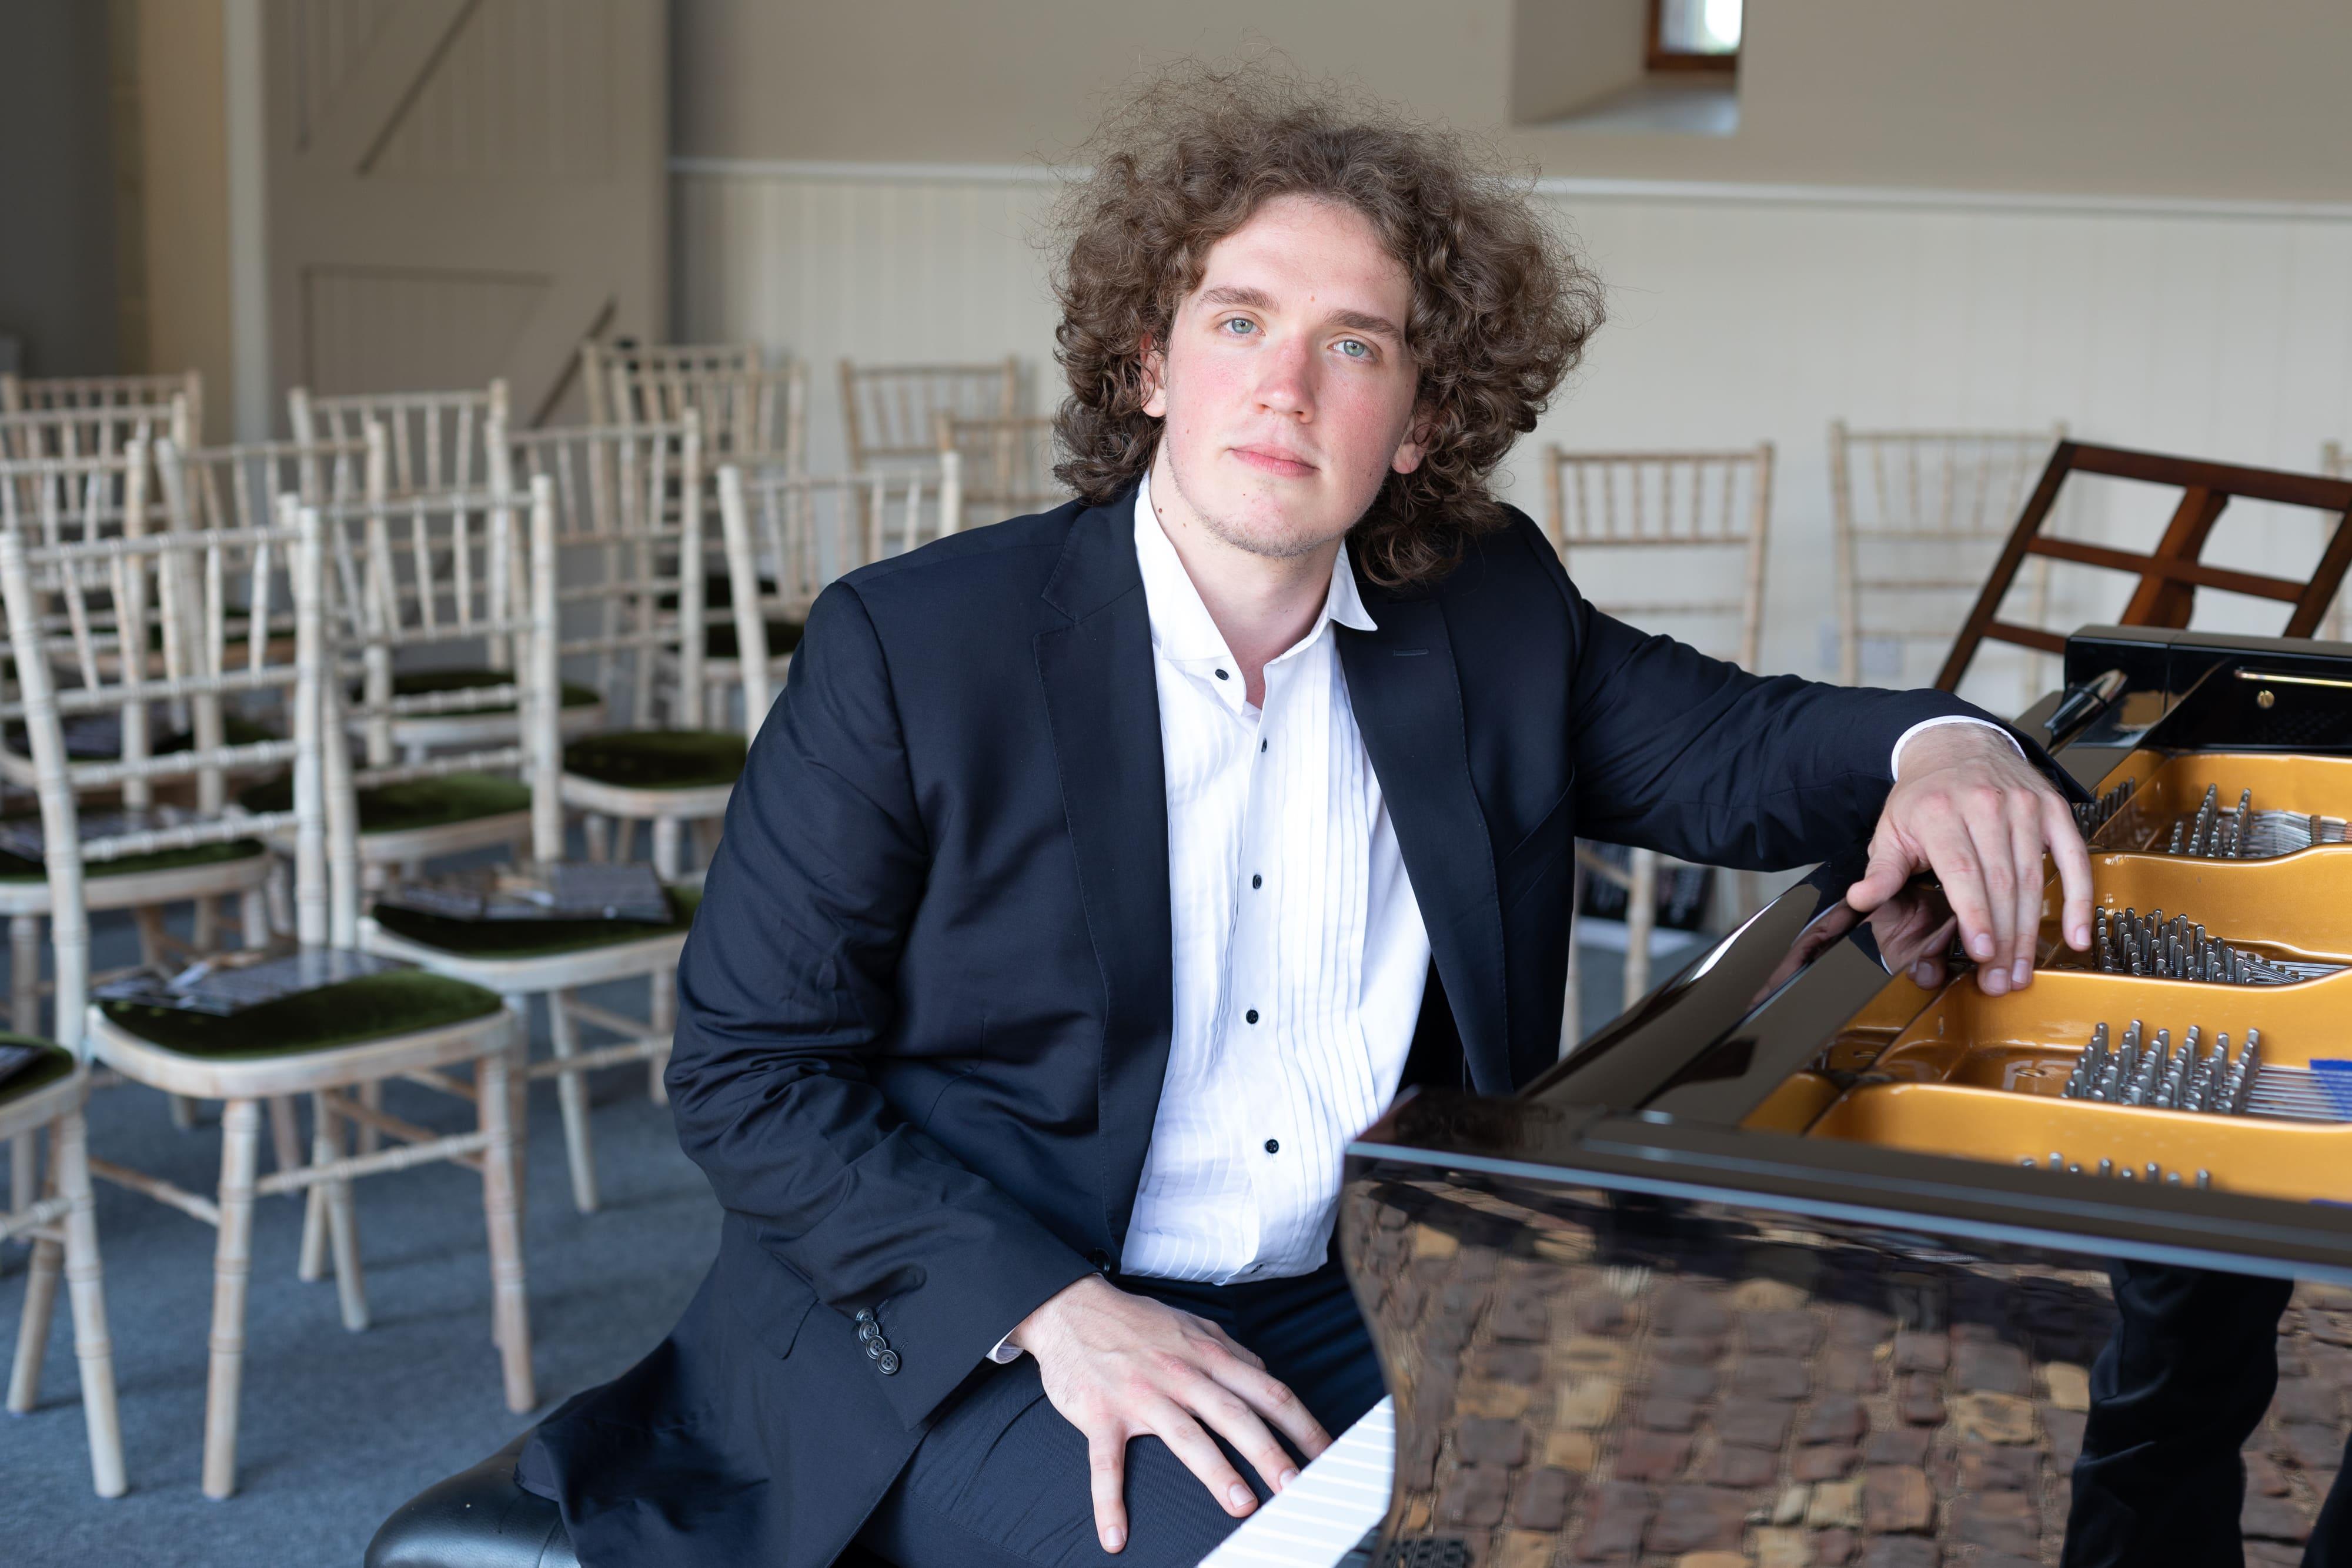 Roman Kosyakov